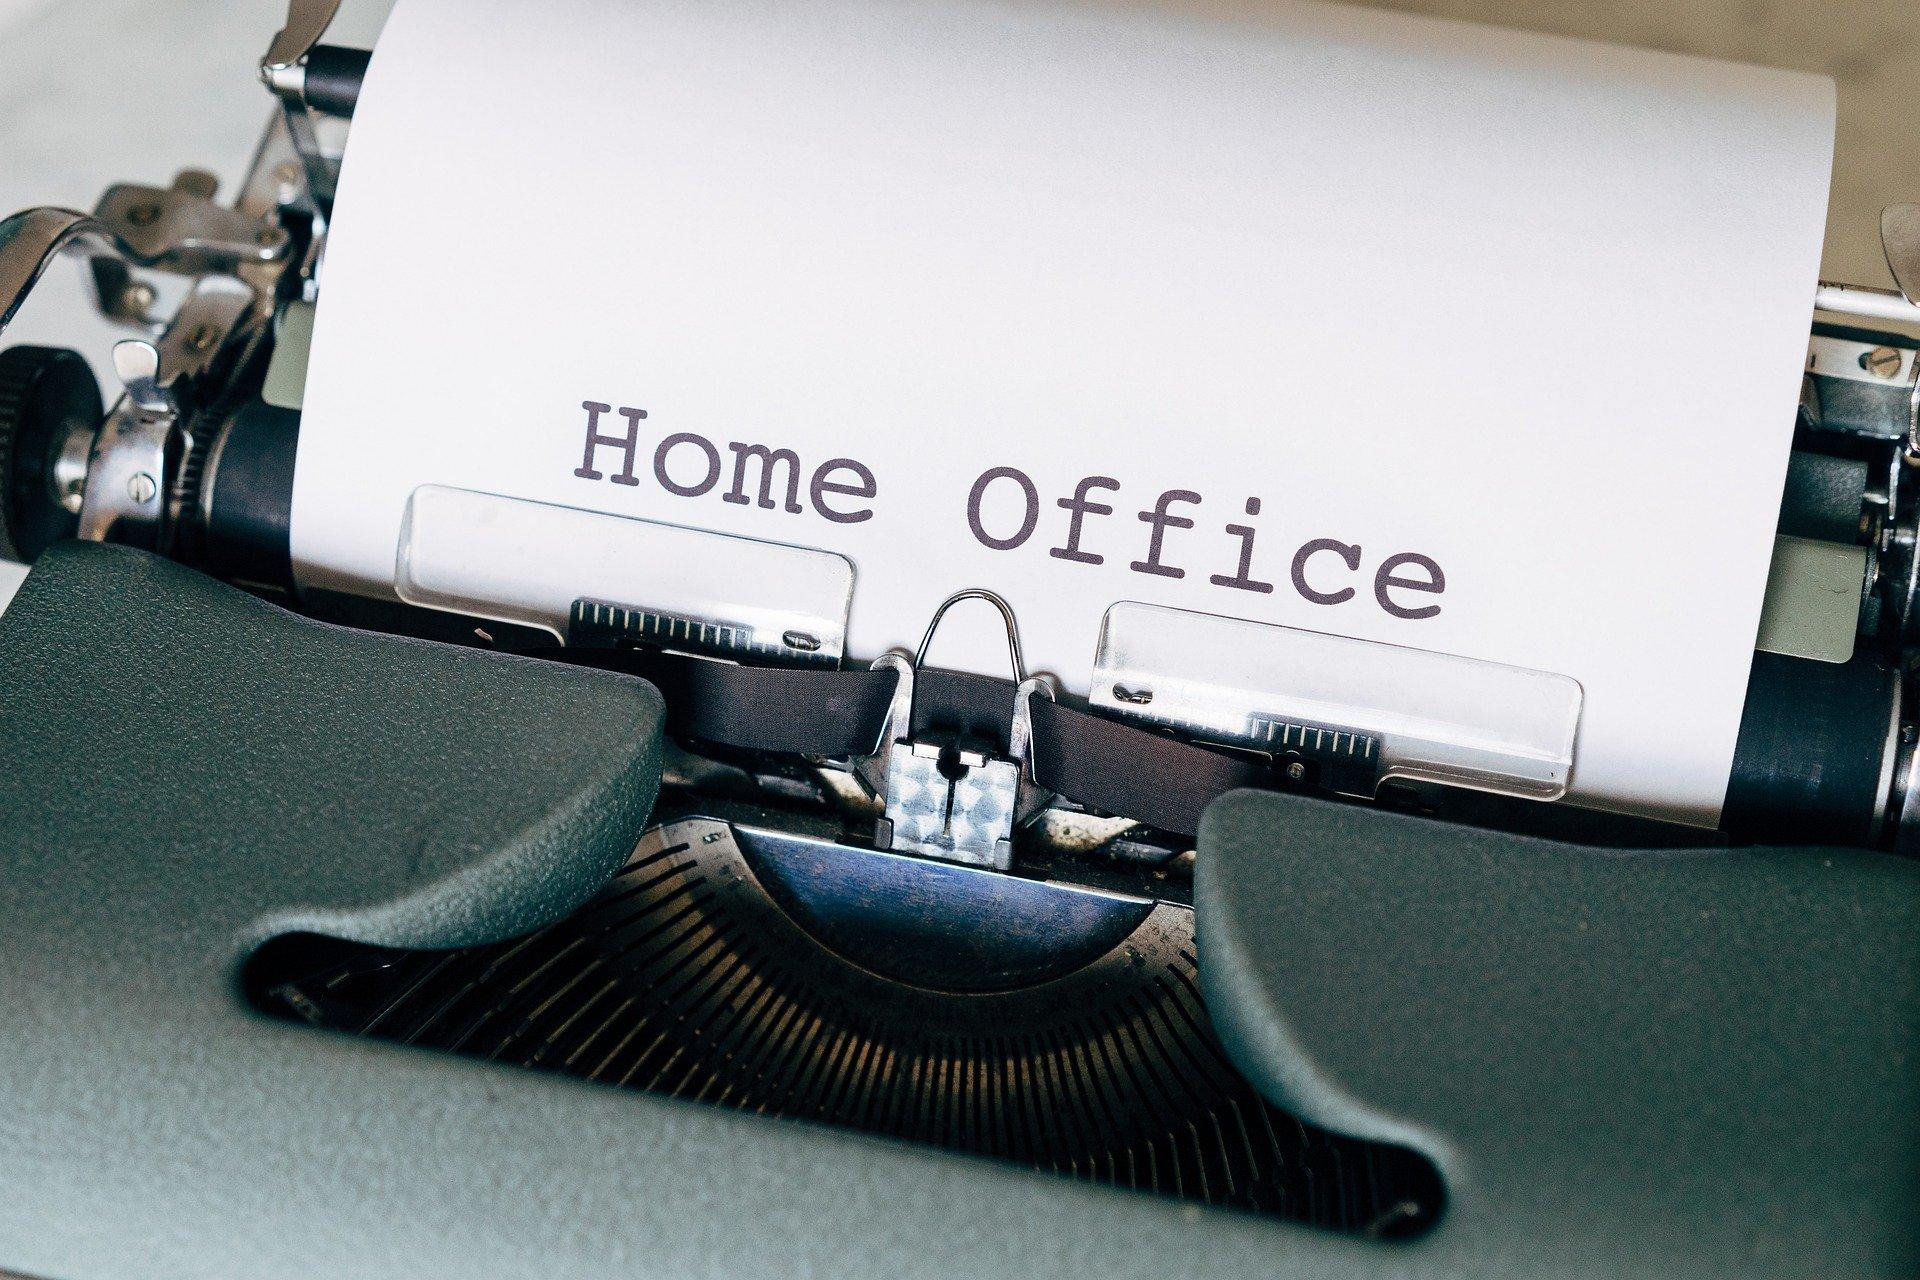 Home Office- jak zorganizować się do pracy w domu. Zasady, które właśnie wdrażam w życie!